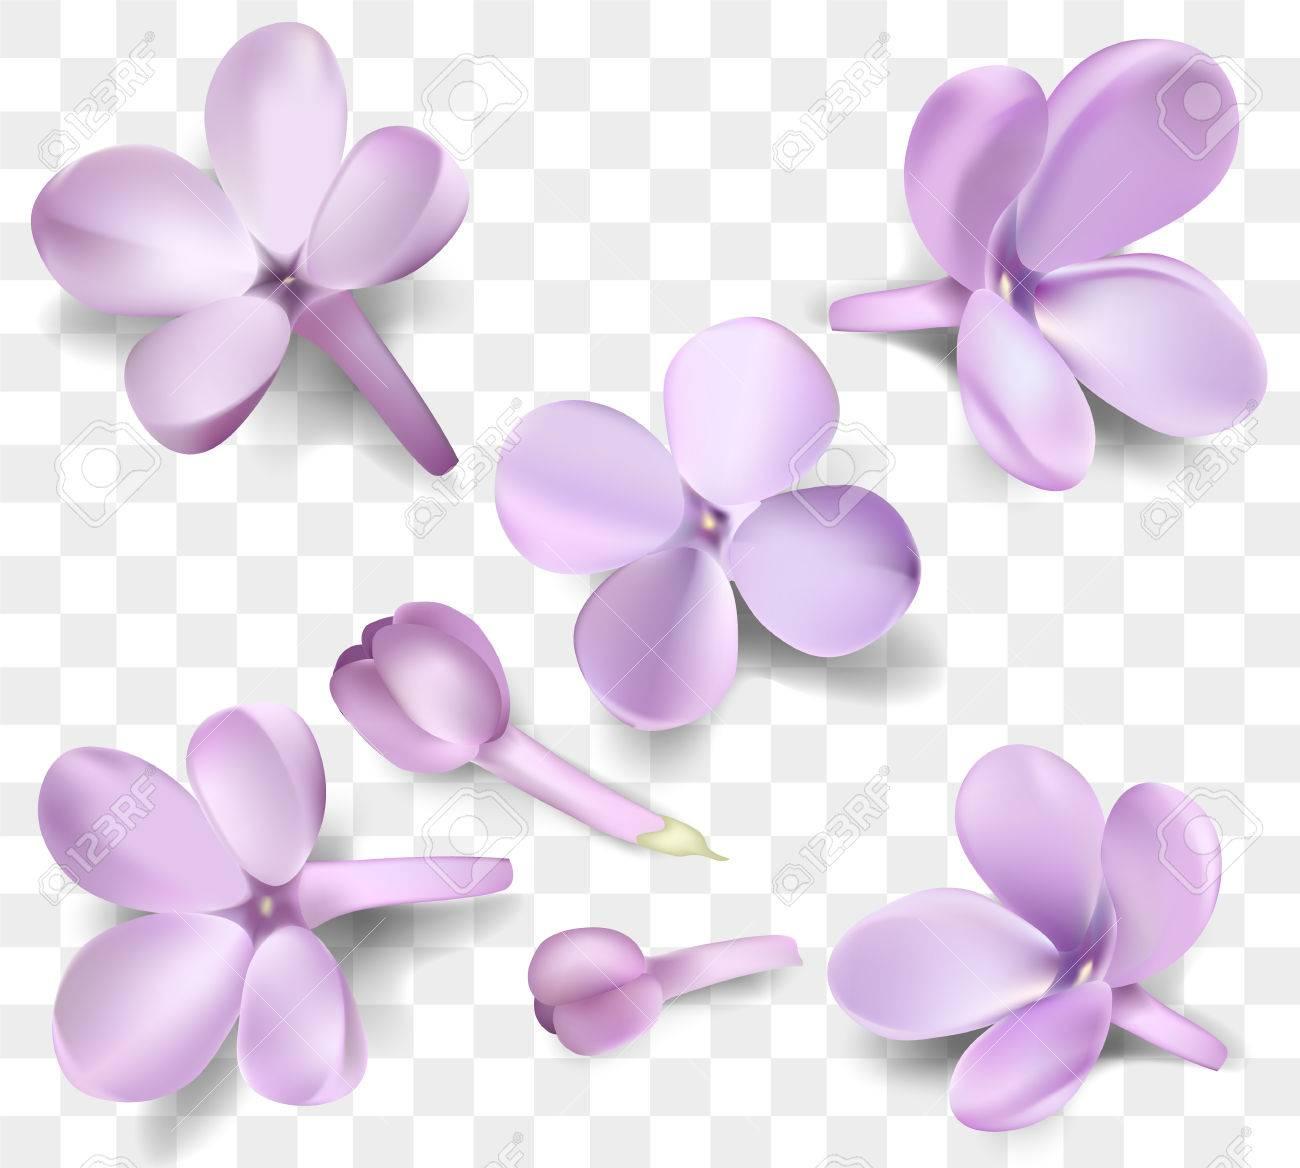 ソフト パステル カラー花コレクションは、透明な背景に分離されました